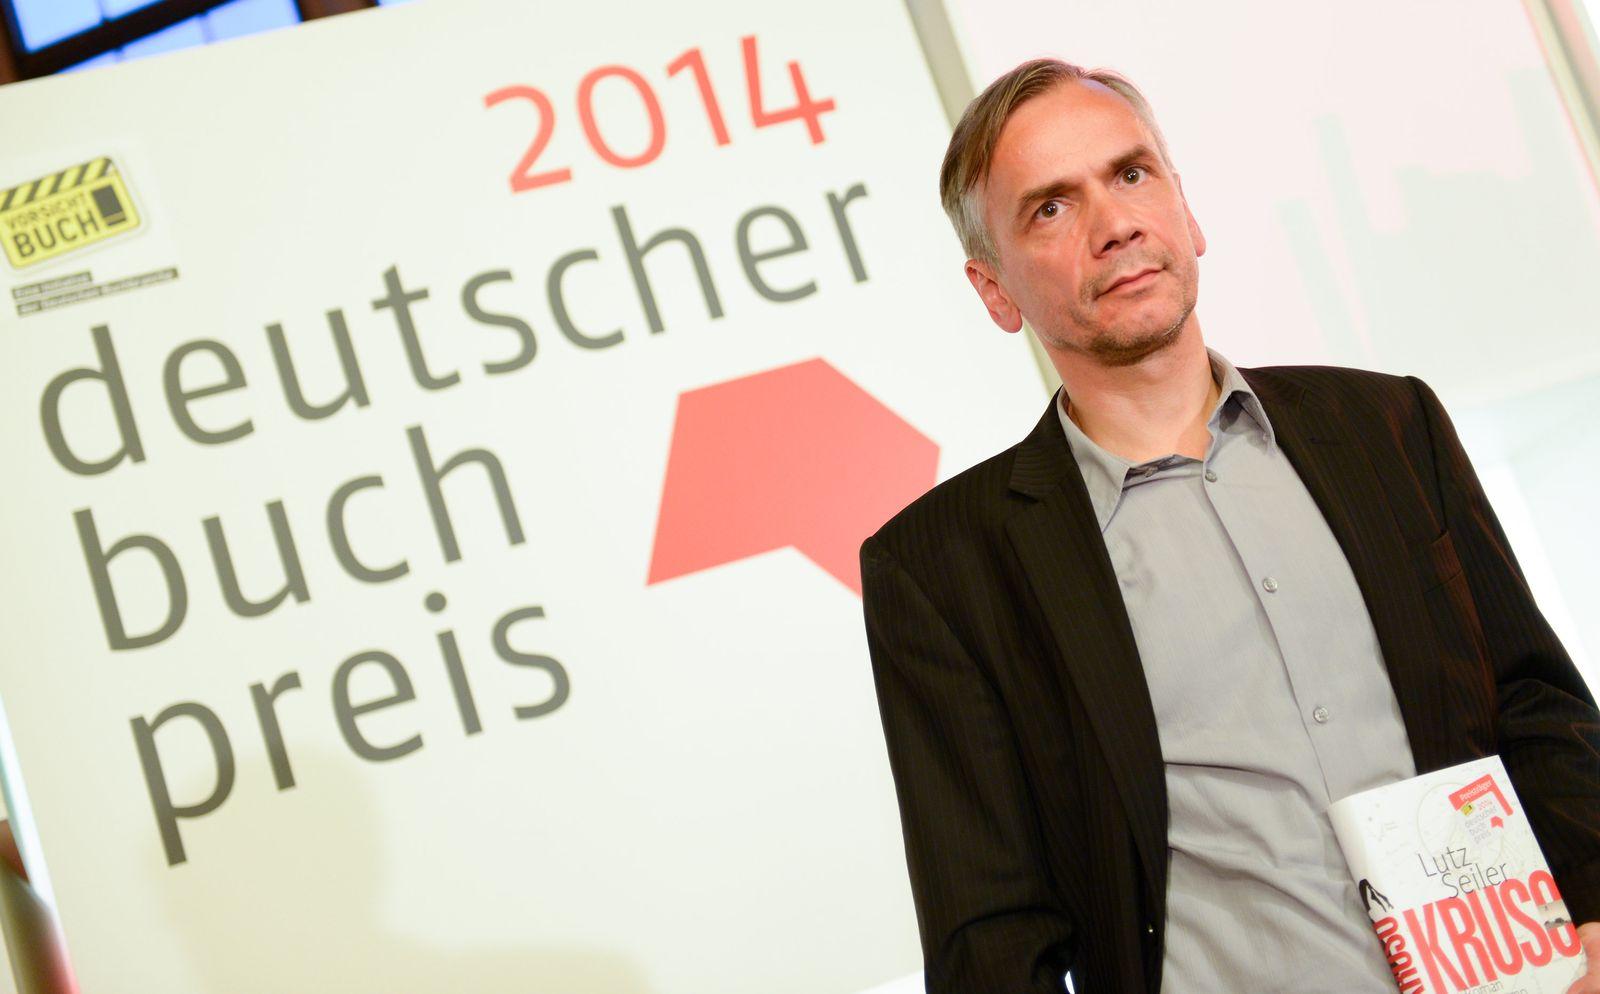 Deutscher Buchpreis 2014/ Lutz Seiler